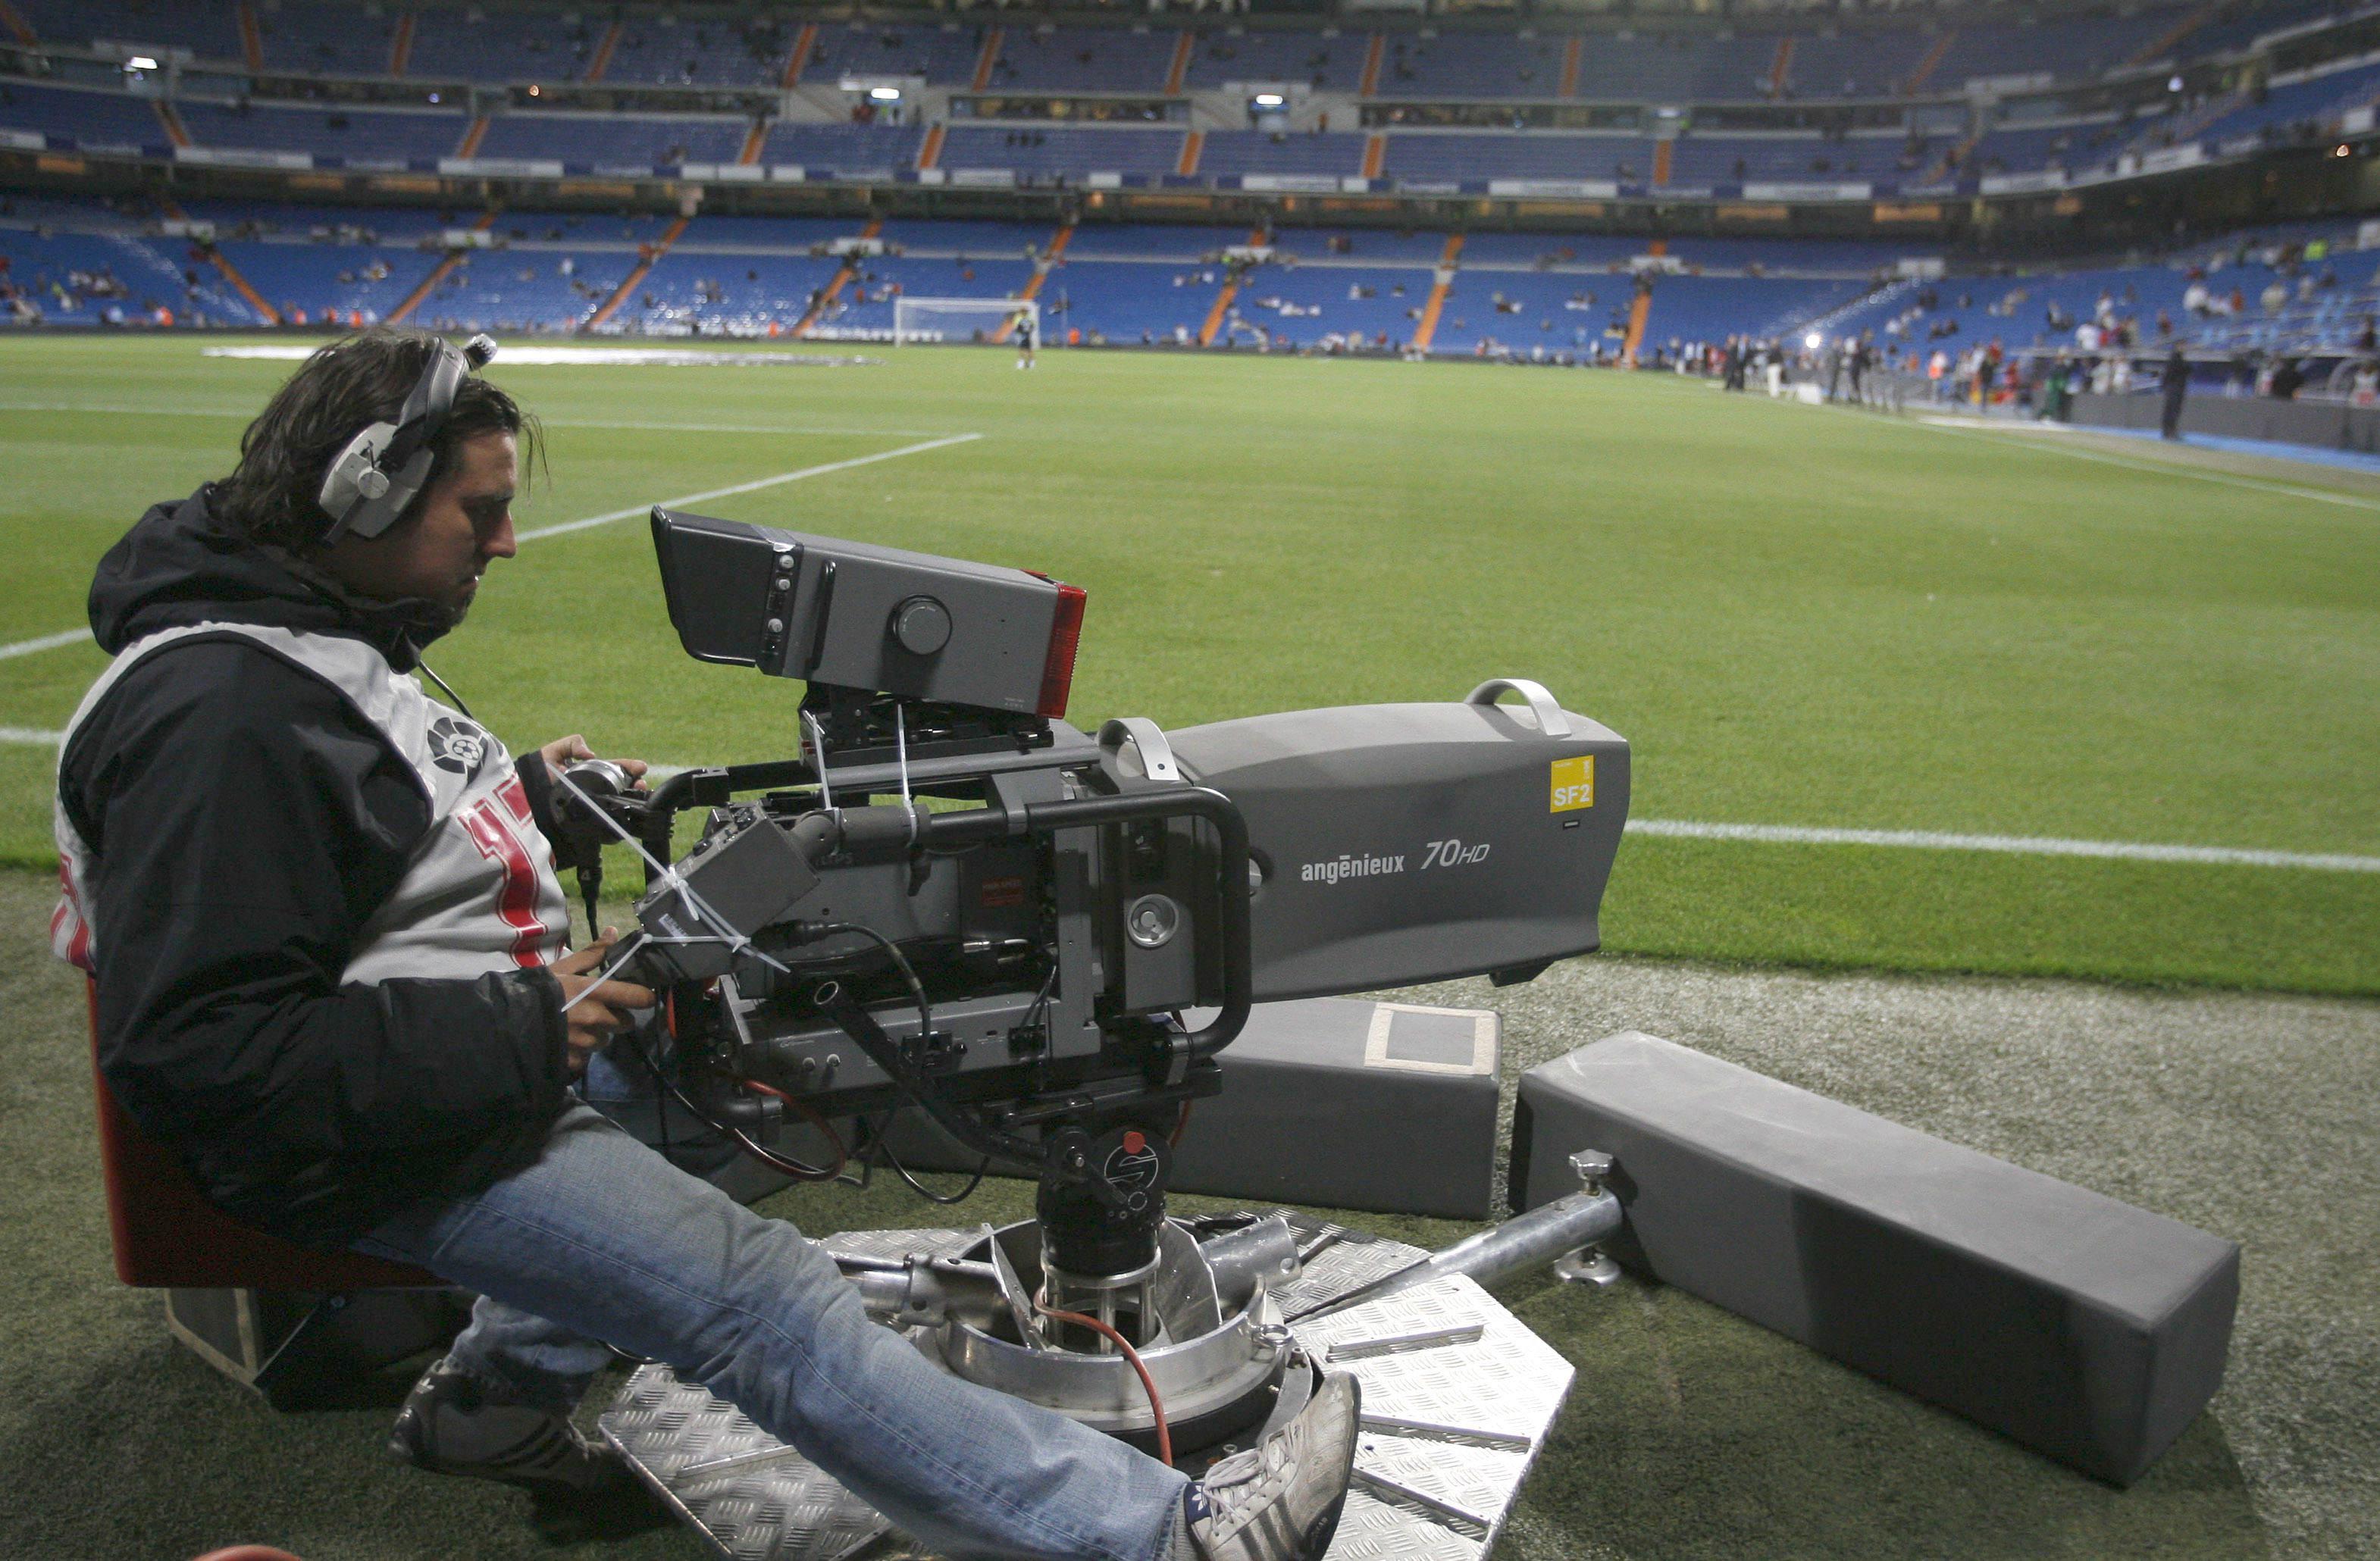 Cientos de contenidos audiovisuales competirán con los canales convencionales